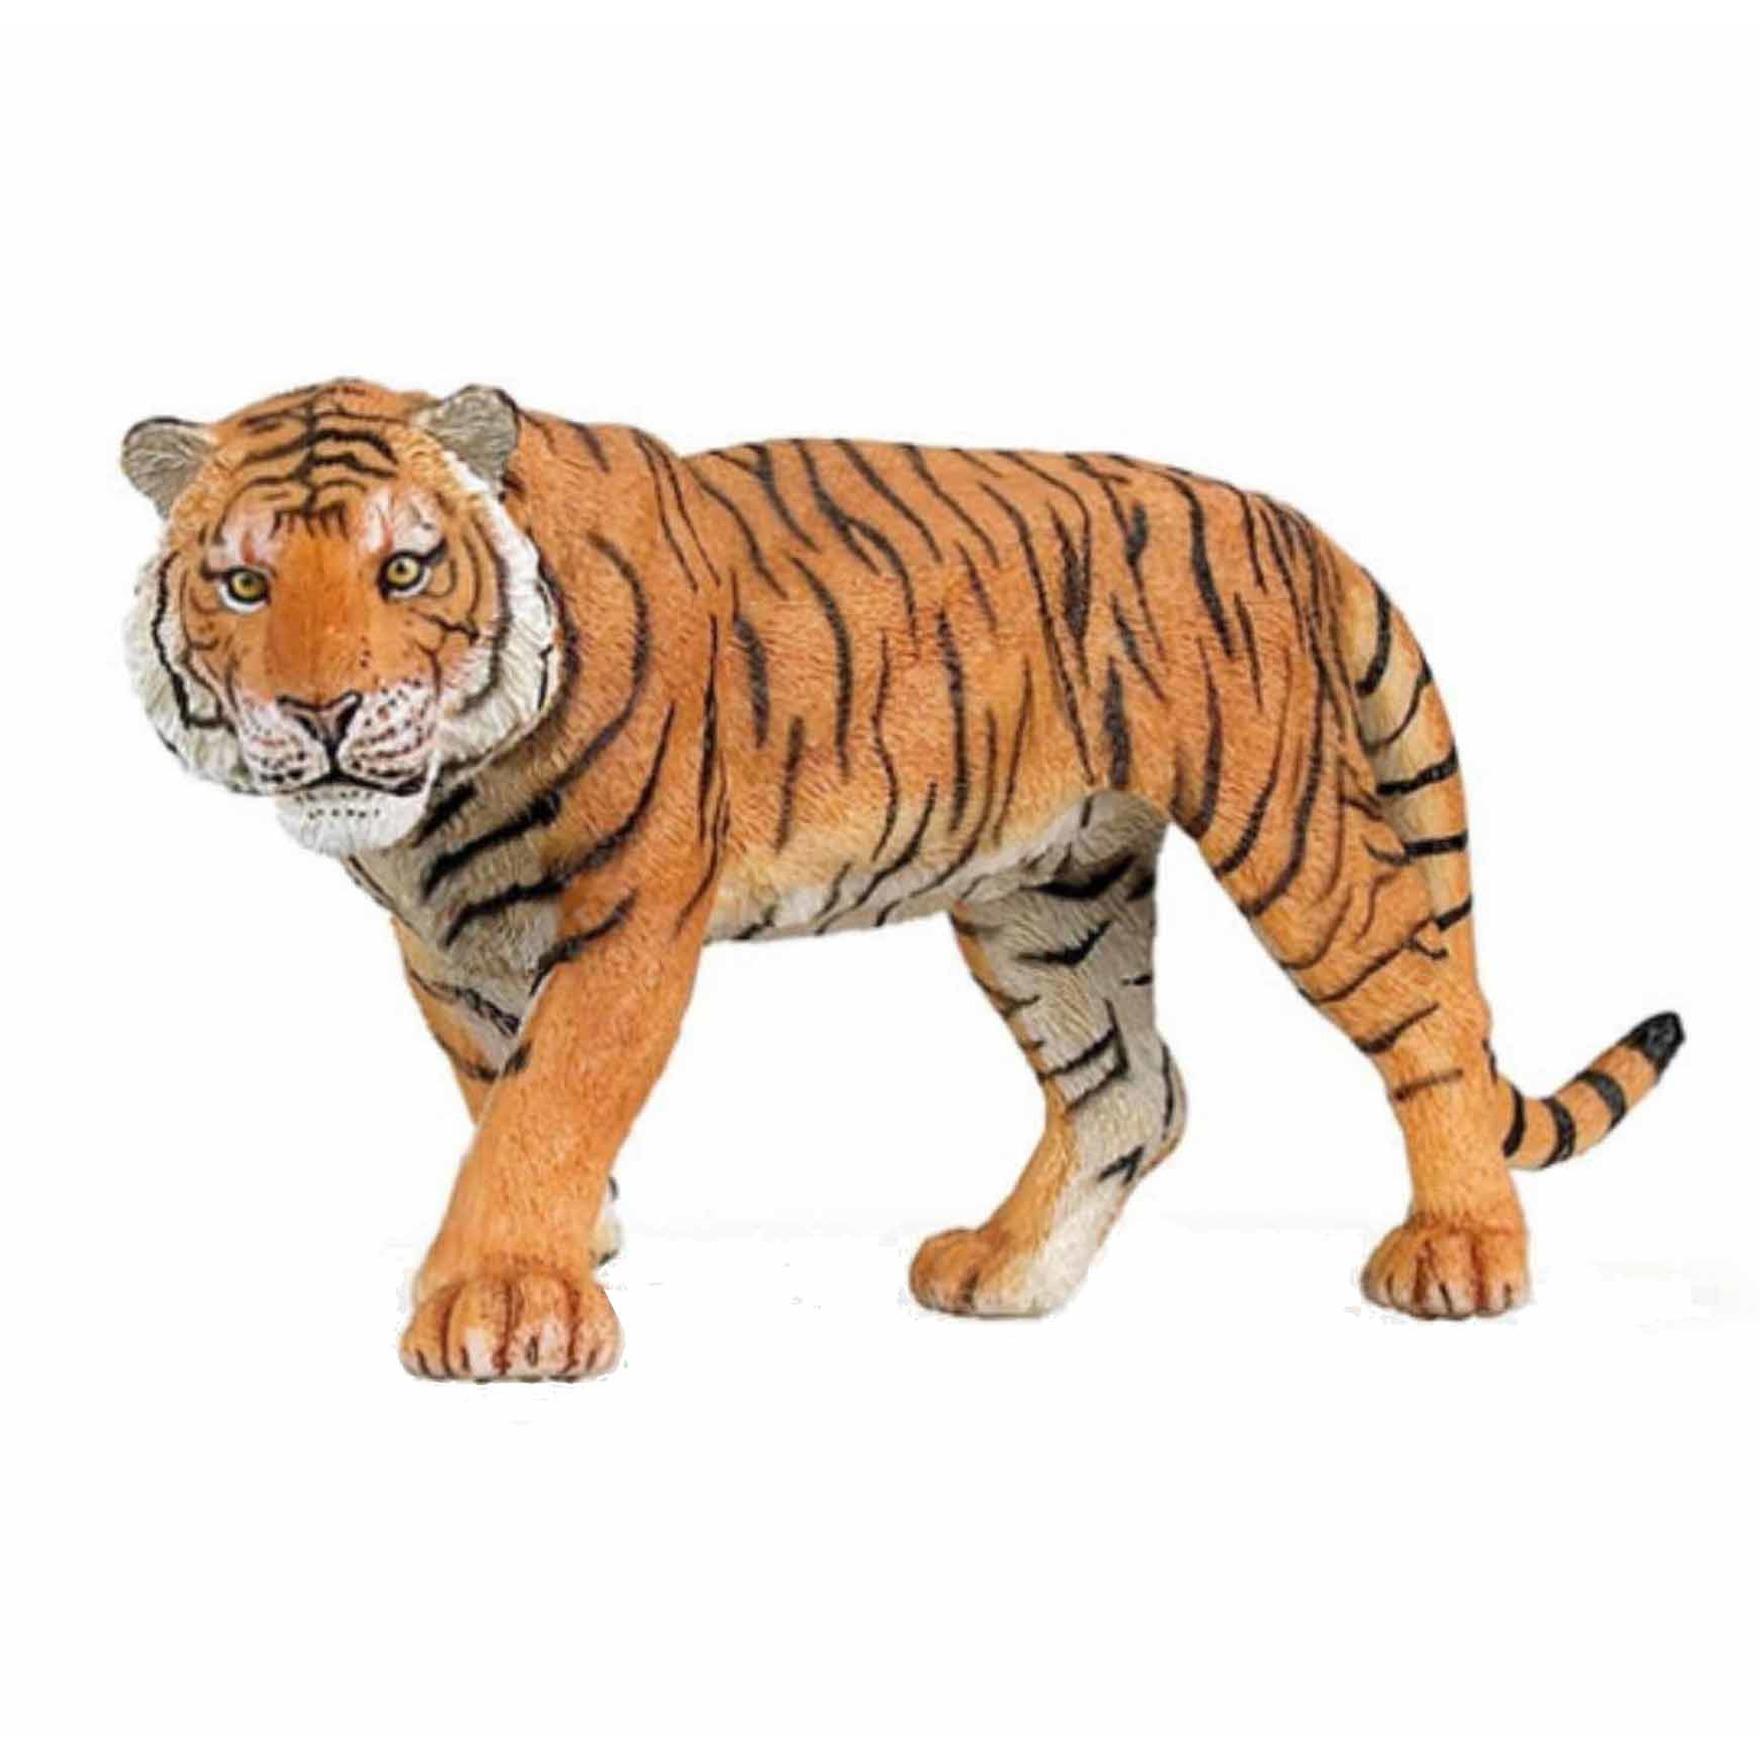 Plastic speelgoed figuur tijger 15 cm